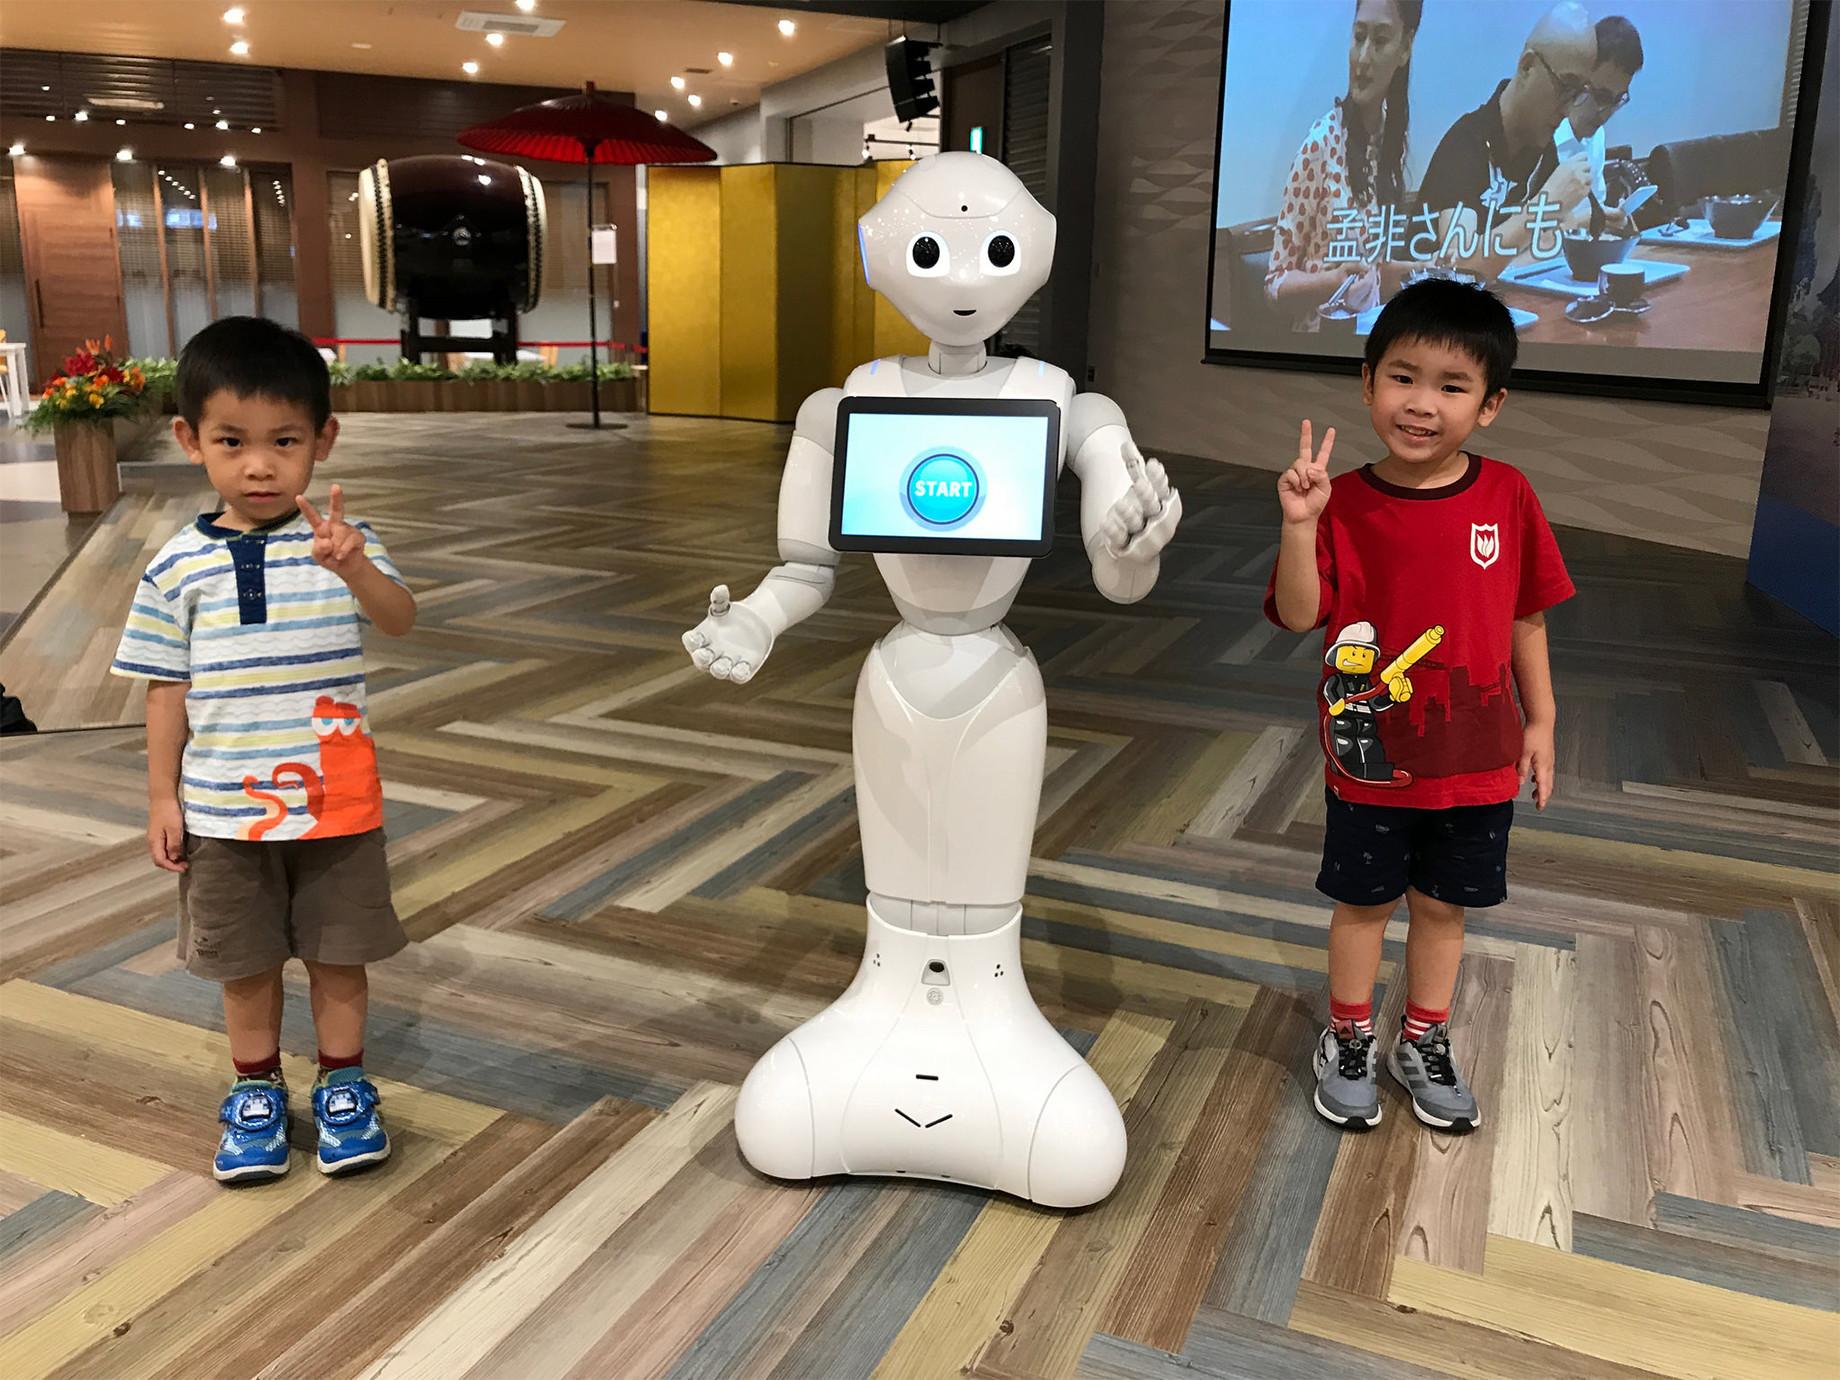 機器人服務哪項最夯?研調:語音助理占去年銷量5成